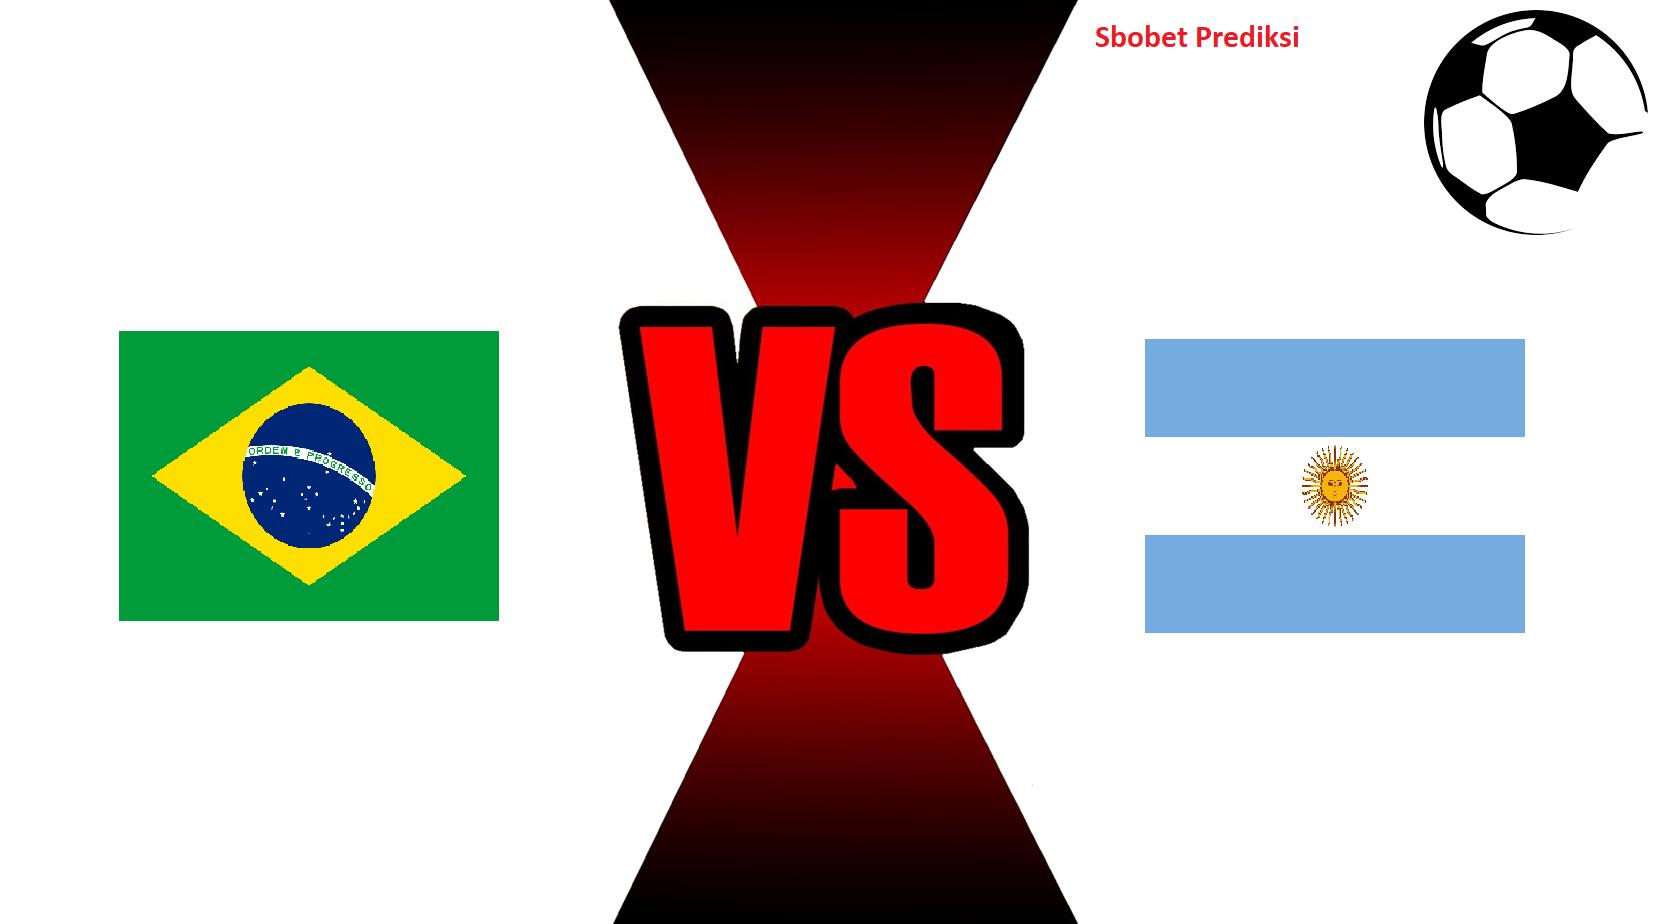 Prediksi Skor Pertandingan Brazil Vs Argentina 17 Oktober 2018